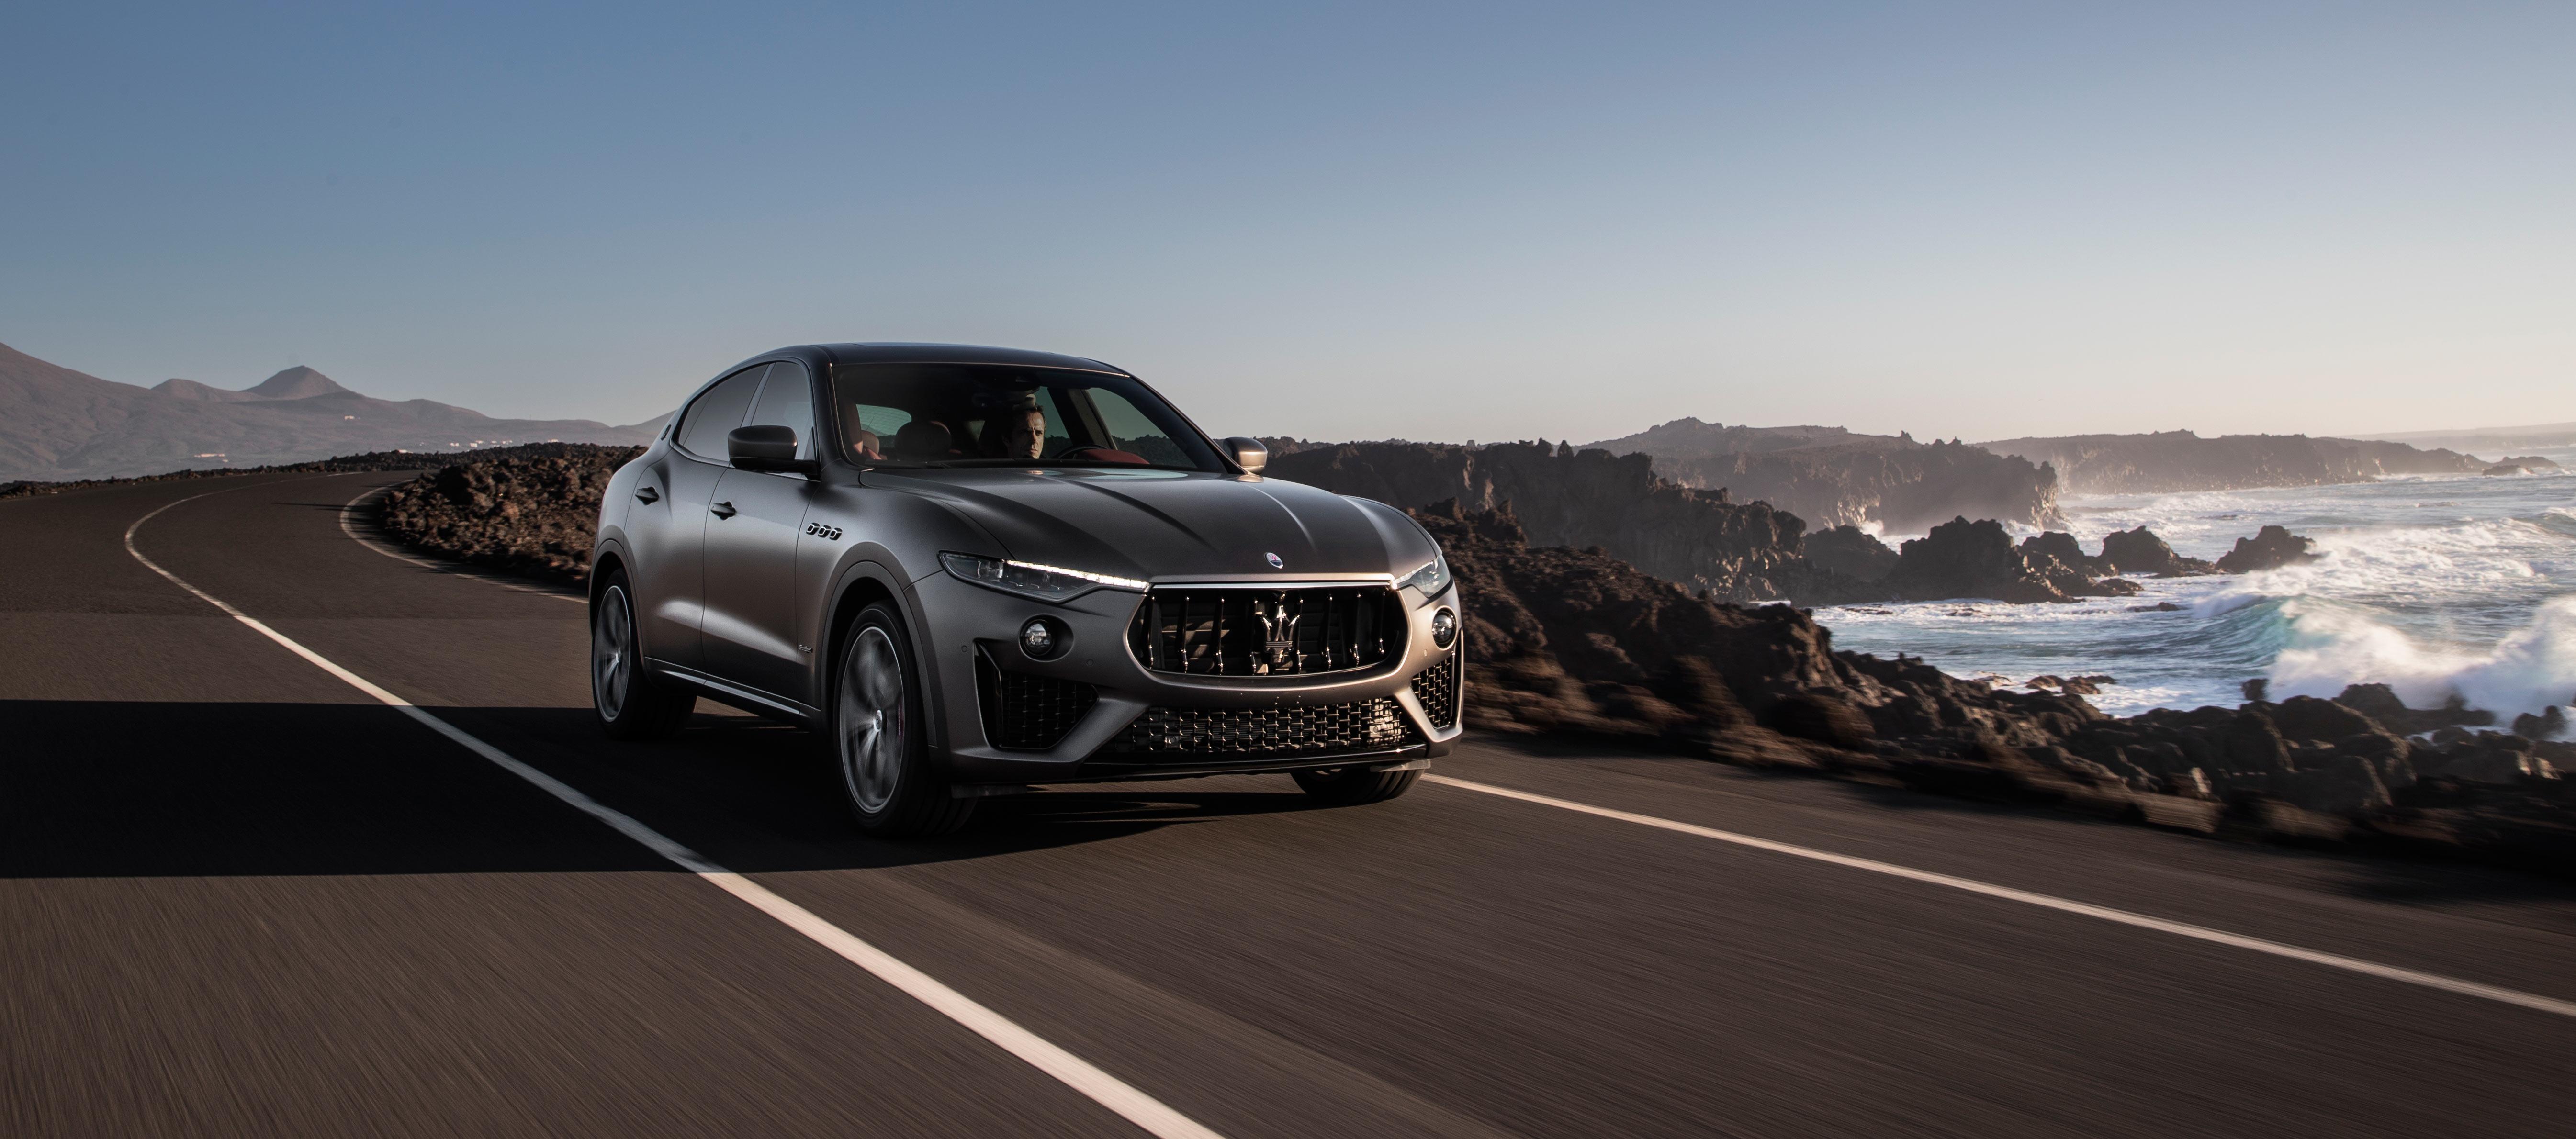 Maserati Levante Vulcano, la nueva Edición Limitada